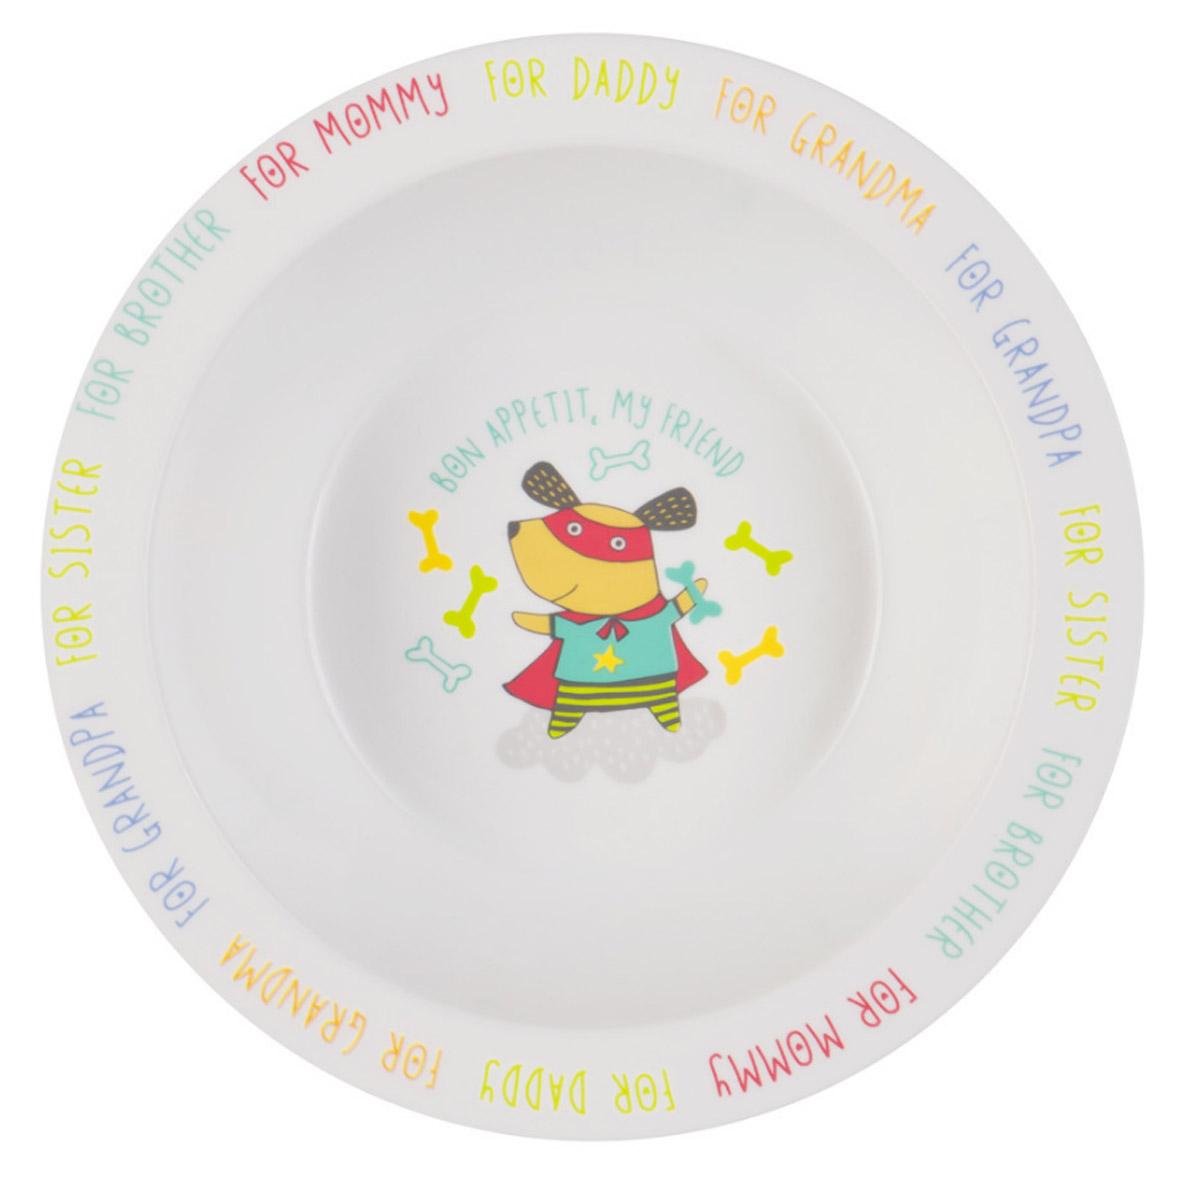 Happy Baby Тарелка глубокая для кормления Собака с присоской цвет белый ментоловый15029_собака_белый, ментолГлубокая тарелка для кормления Happy Baby Собака с присоской поможет приучить малыша кушать из посуды для взрослых. Выполненная из полипропилена и термопластичного эластомера, тарелка не бьется при случайном падении, имеет малый вес, широкие края. Забавная нарисованная мышка на дне тарелки поможет заинтересовать малыша процессом кормления. Широкая присоска на дне прочно фиксирует тарелку на гладкой поверхности и не позволит ее перевернуть. Не содержит бисфенол-А. Можно разогревать в СВЧ-печи и мыть в посудомоечной машине без присоски.